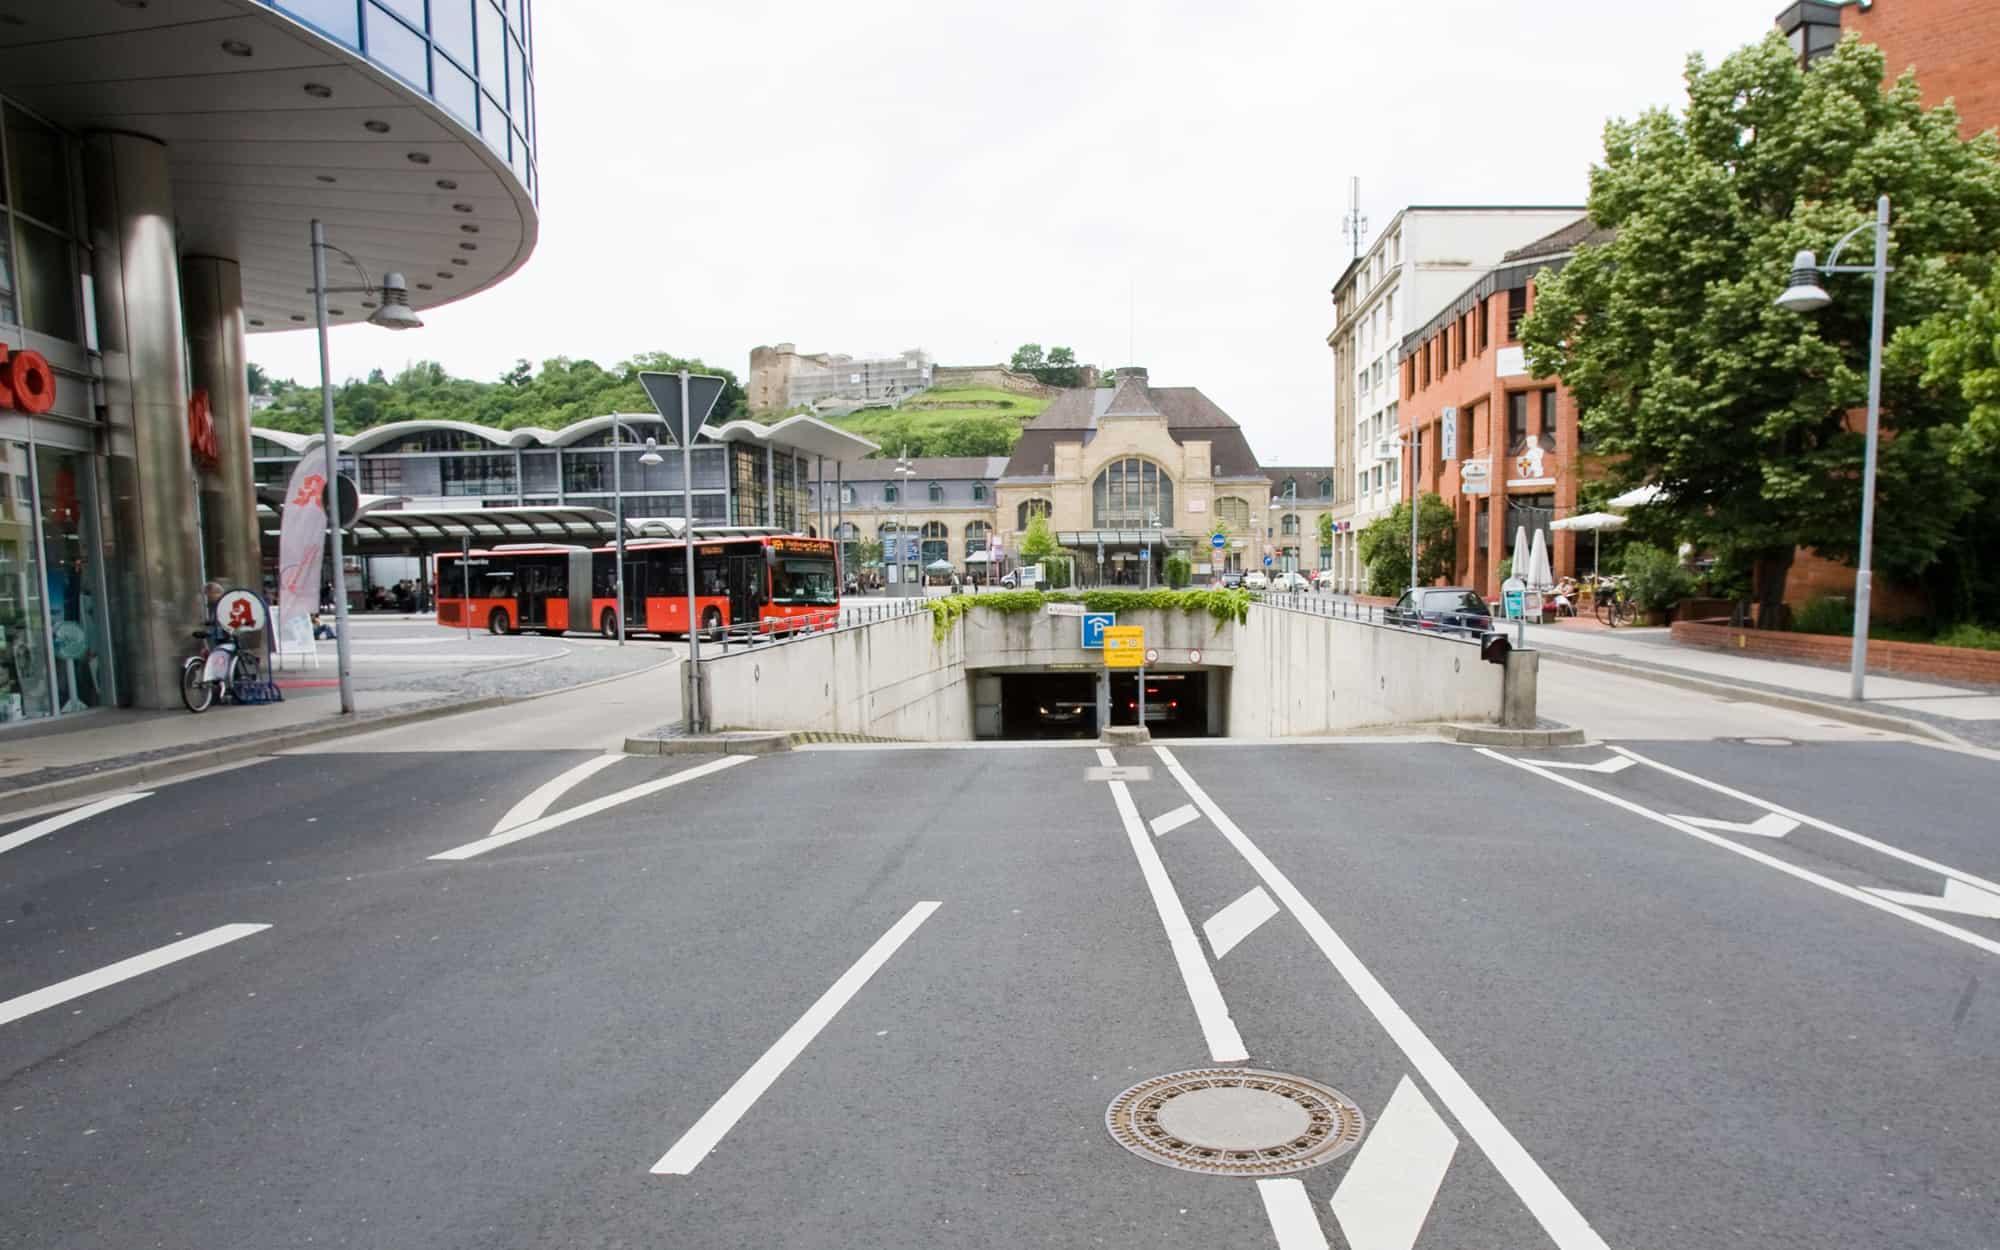 Einfahrt Tiefgarage am Bahnhofvorplatz